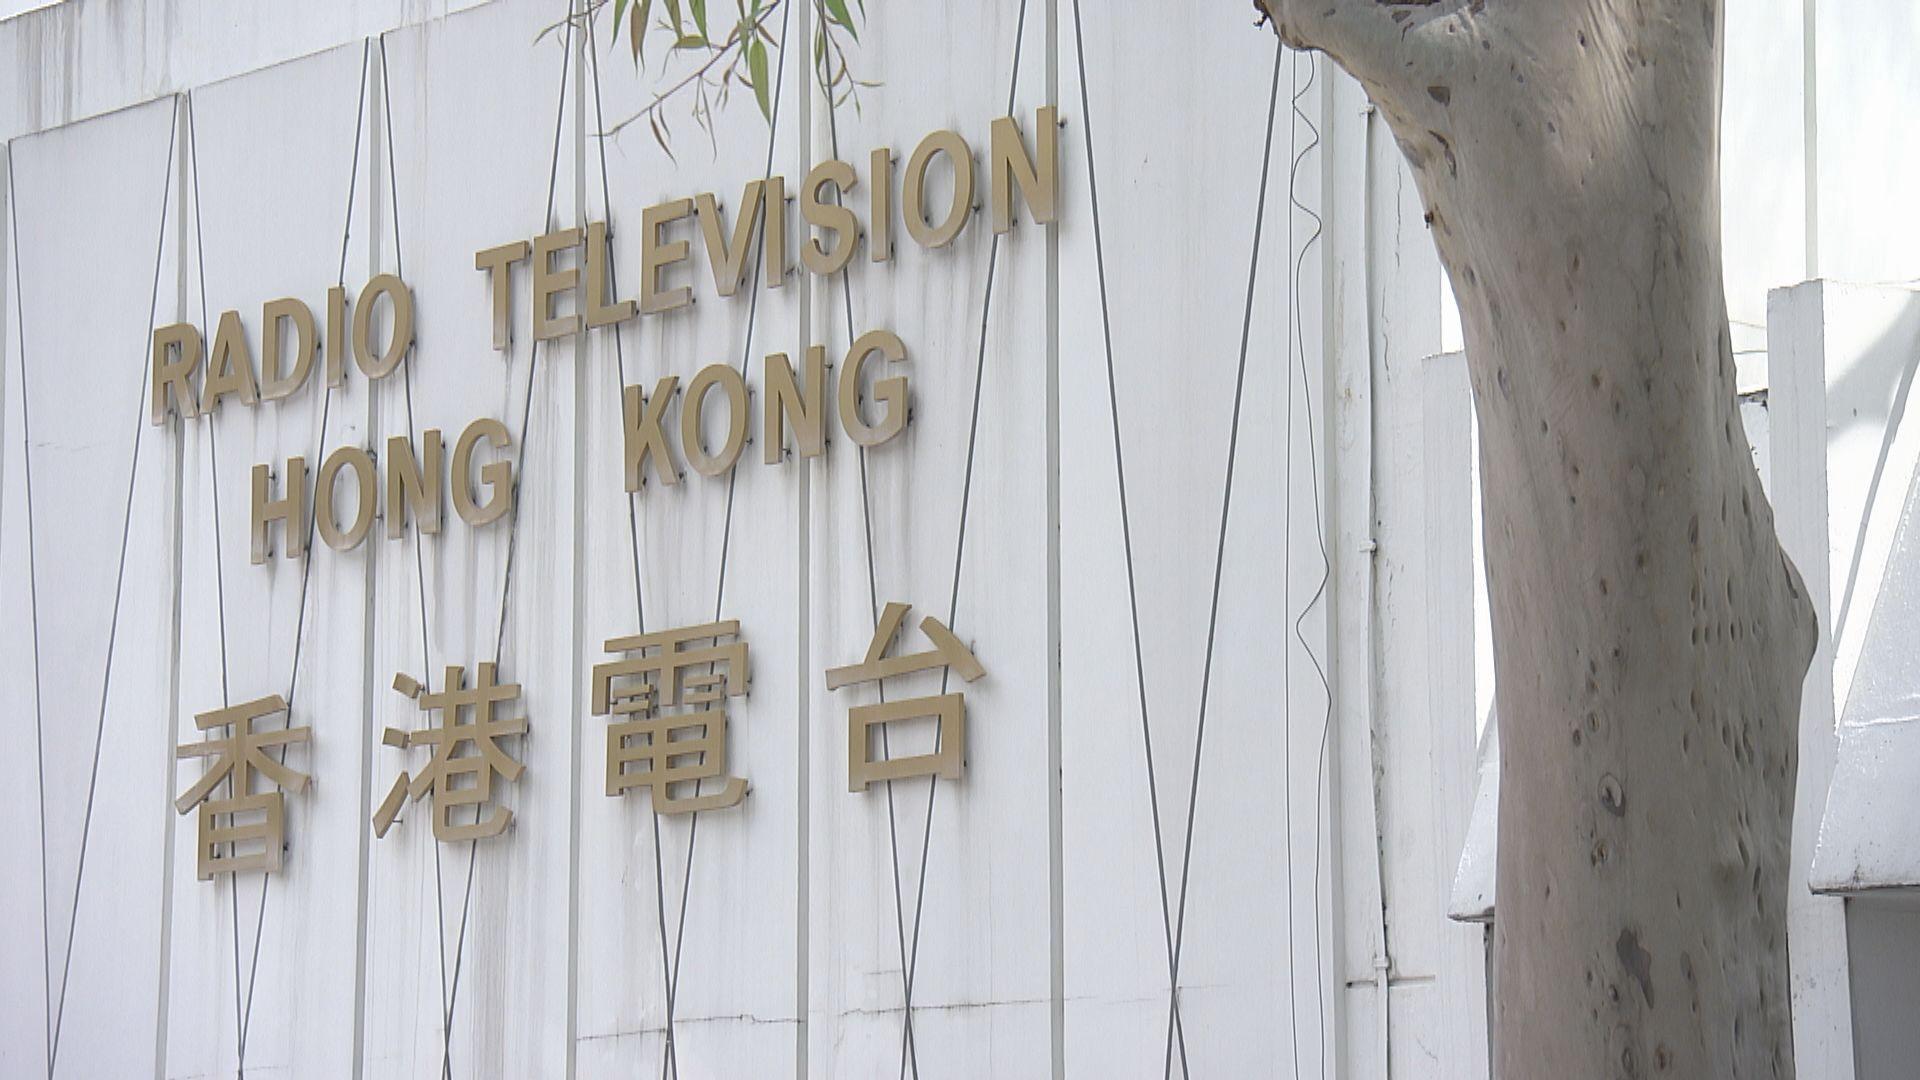 港台:報道奧運須投入大量資源 不應與商營電視台功能重疊